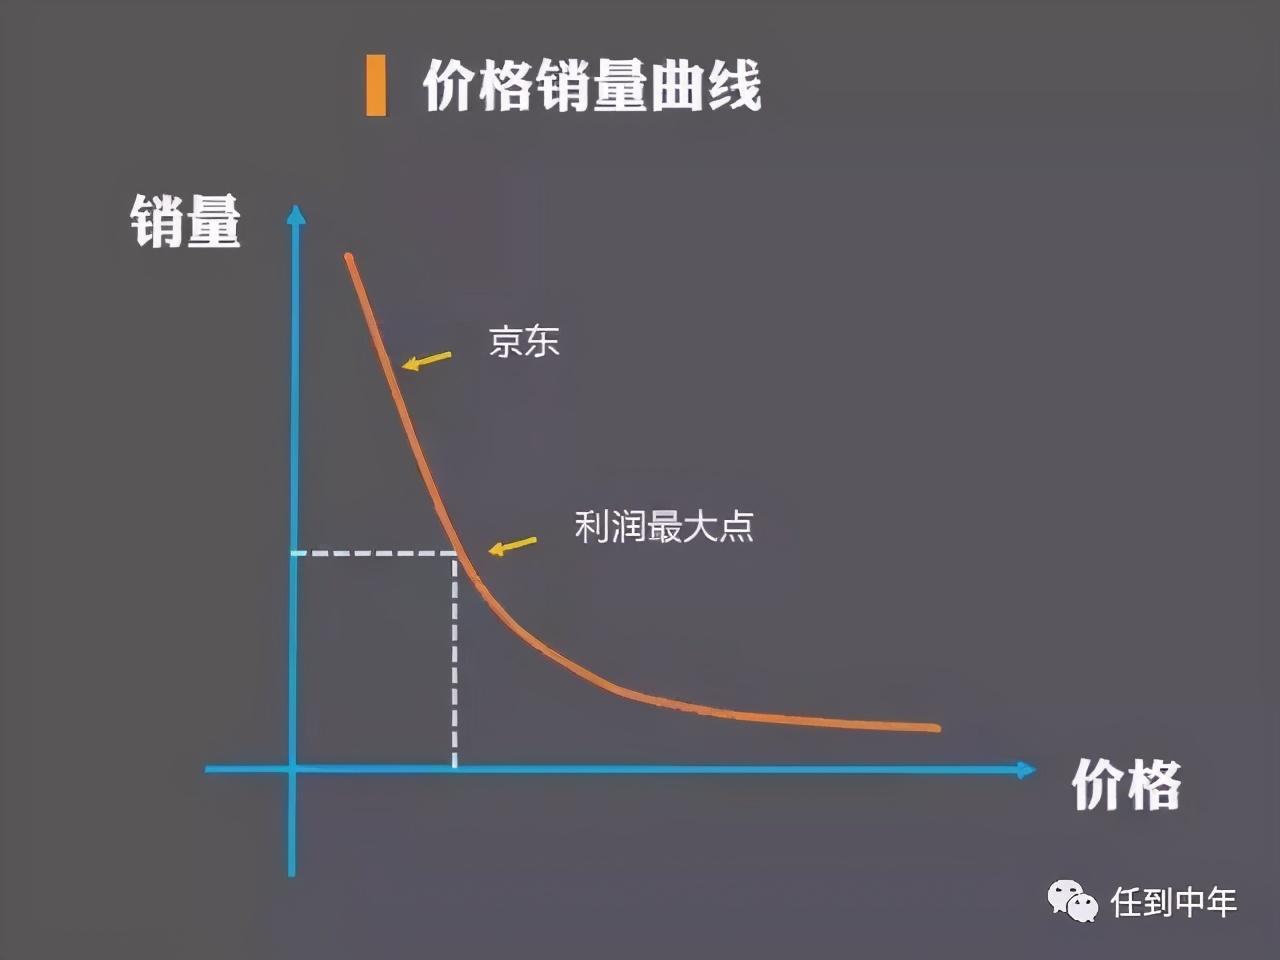 京东年年亏损的背后,屹立不倒的根本原因是什么?